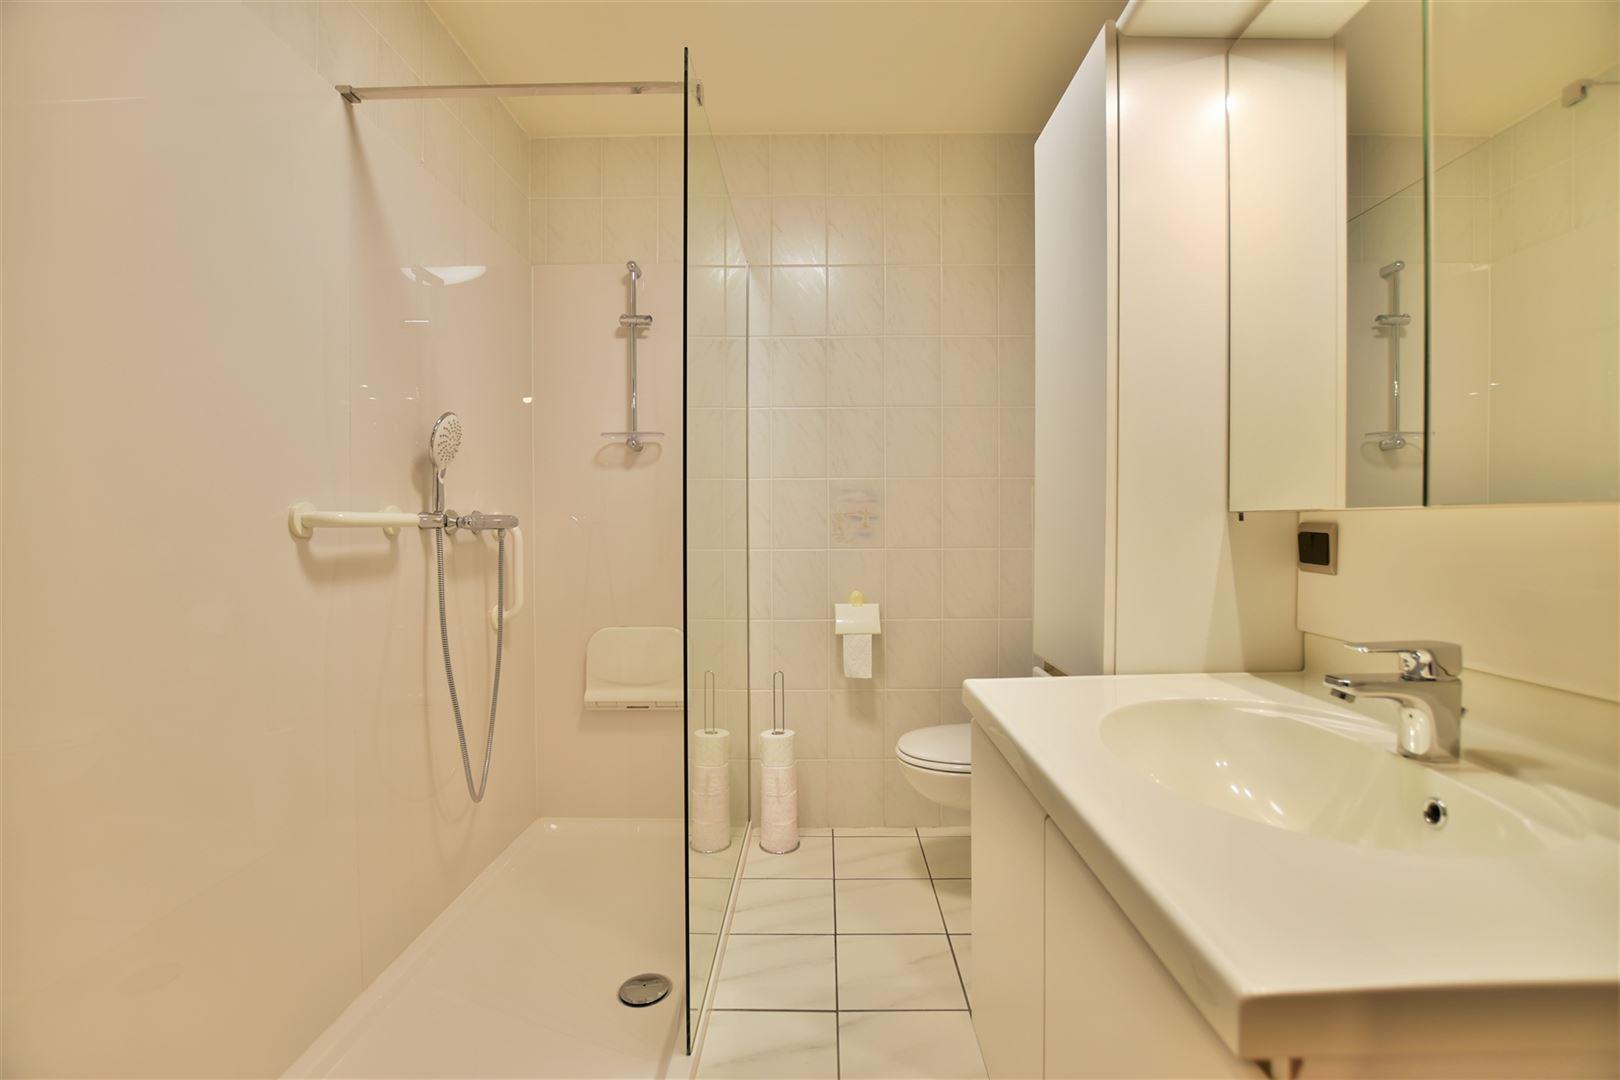 Foto 12 : Appartement te 9240 ZELE (België) - Prijs € 299.000